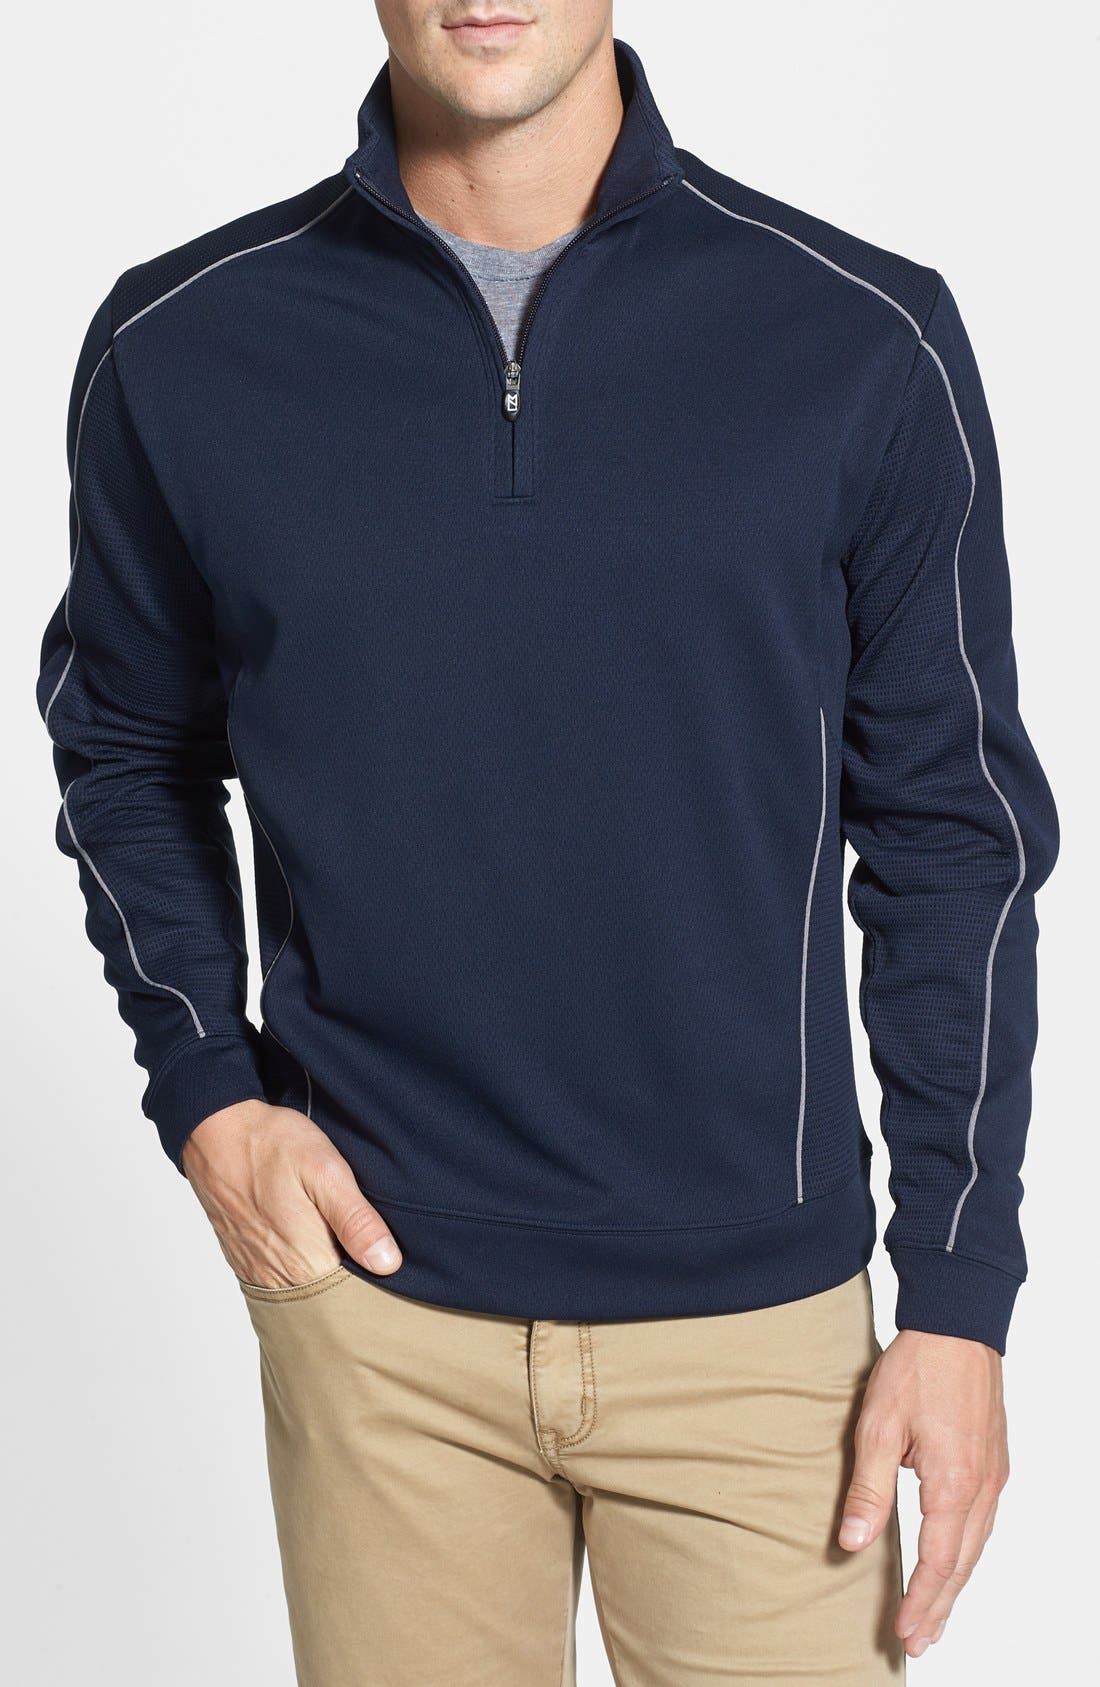 DryTec Half Zip Pullover,                         Main,                         color, NAVY BLUE